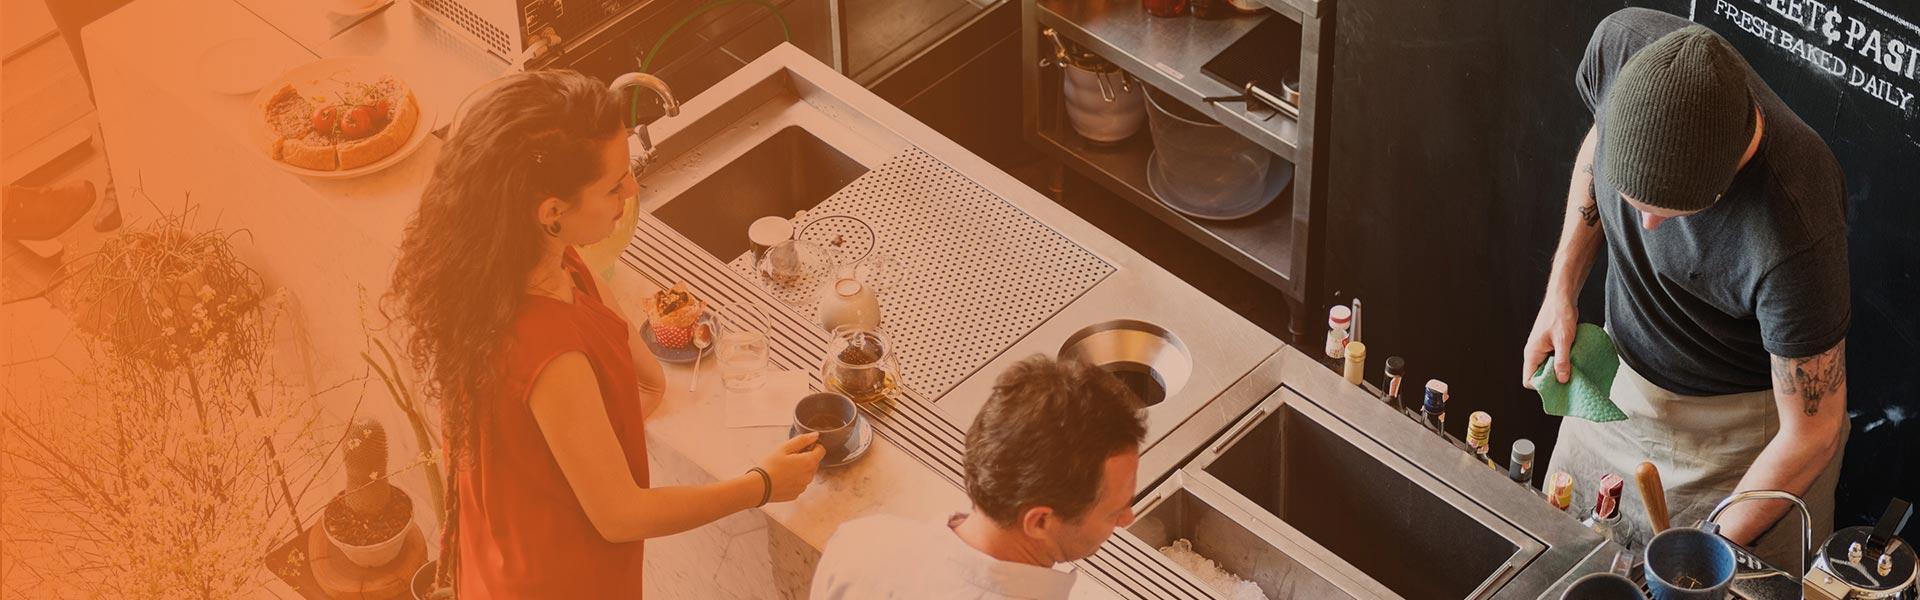 Soft Restaurant y Banxico, mancuerna que impulsa la reactivación restaurantera